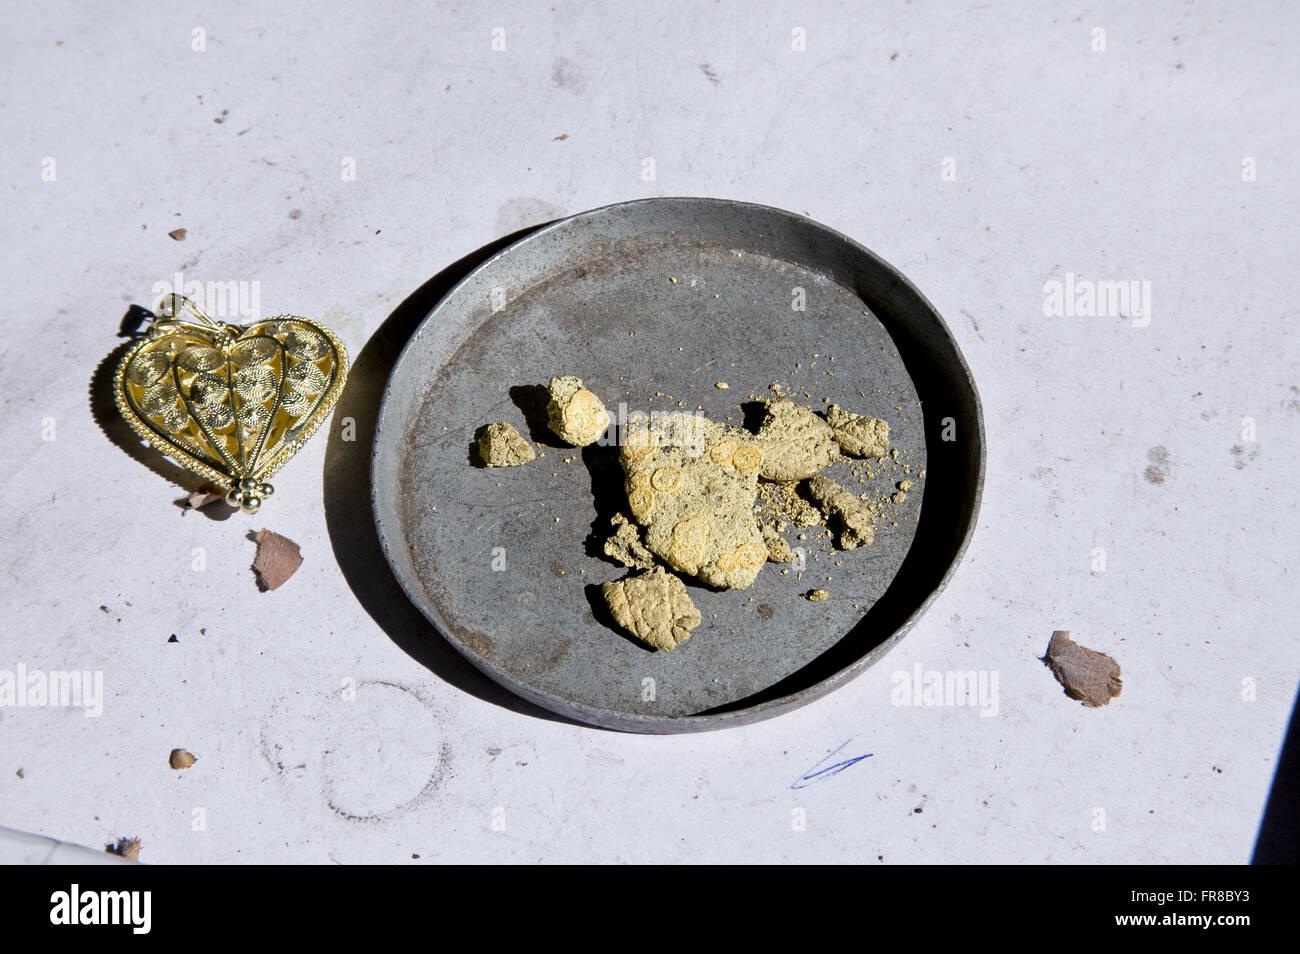 Détail de bijoux en or et ses matières premières - de la poudre d'or Photo Stock